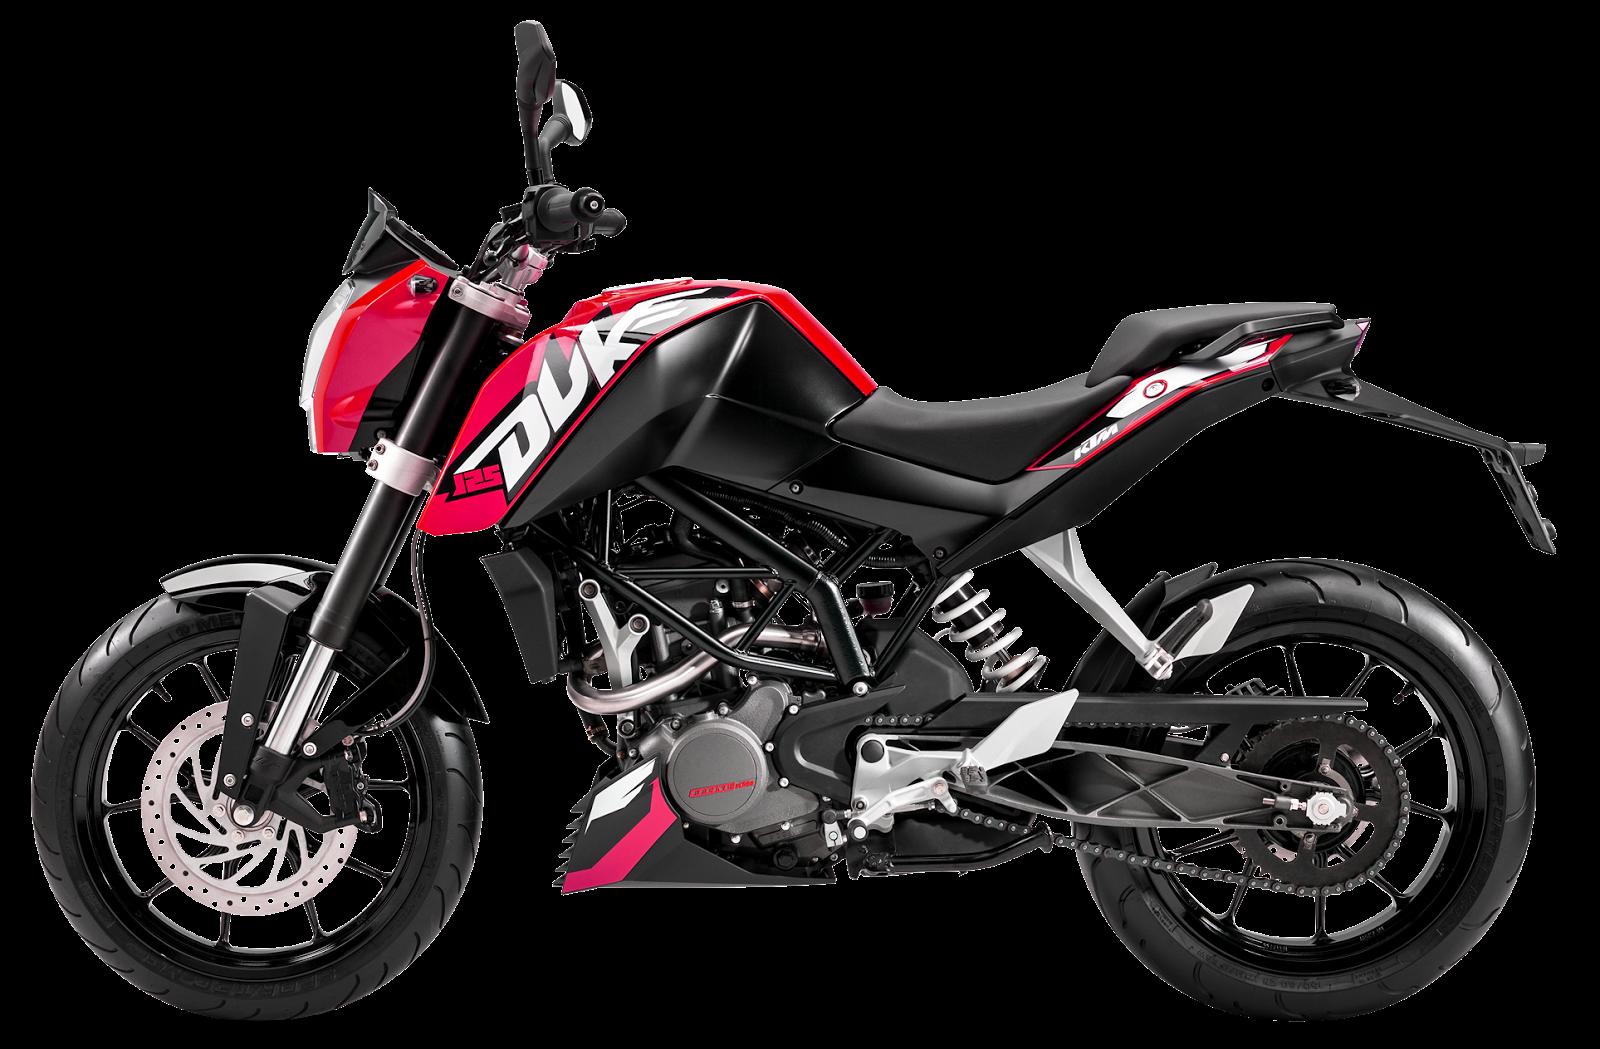 PNG HD Bike - 128444